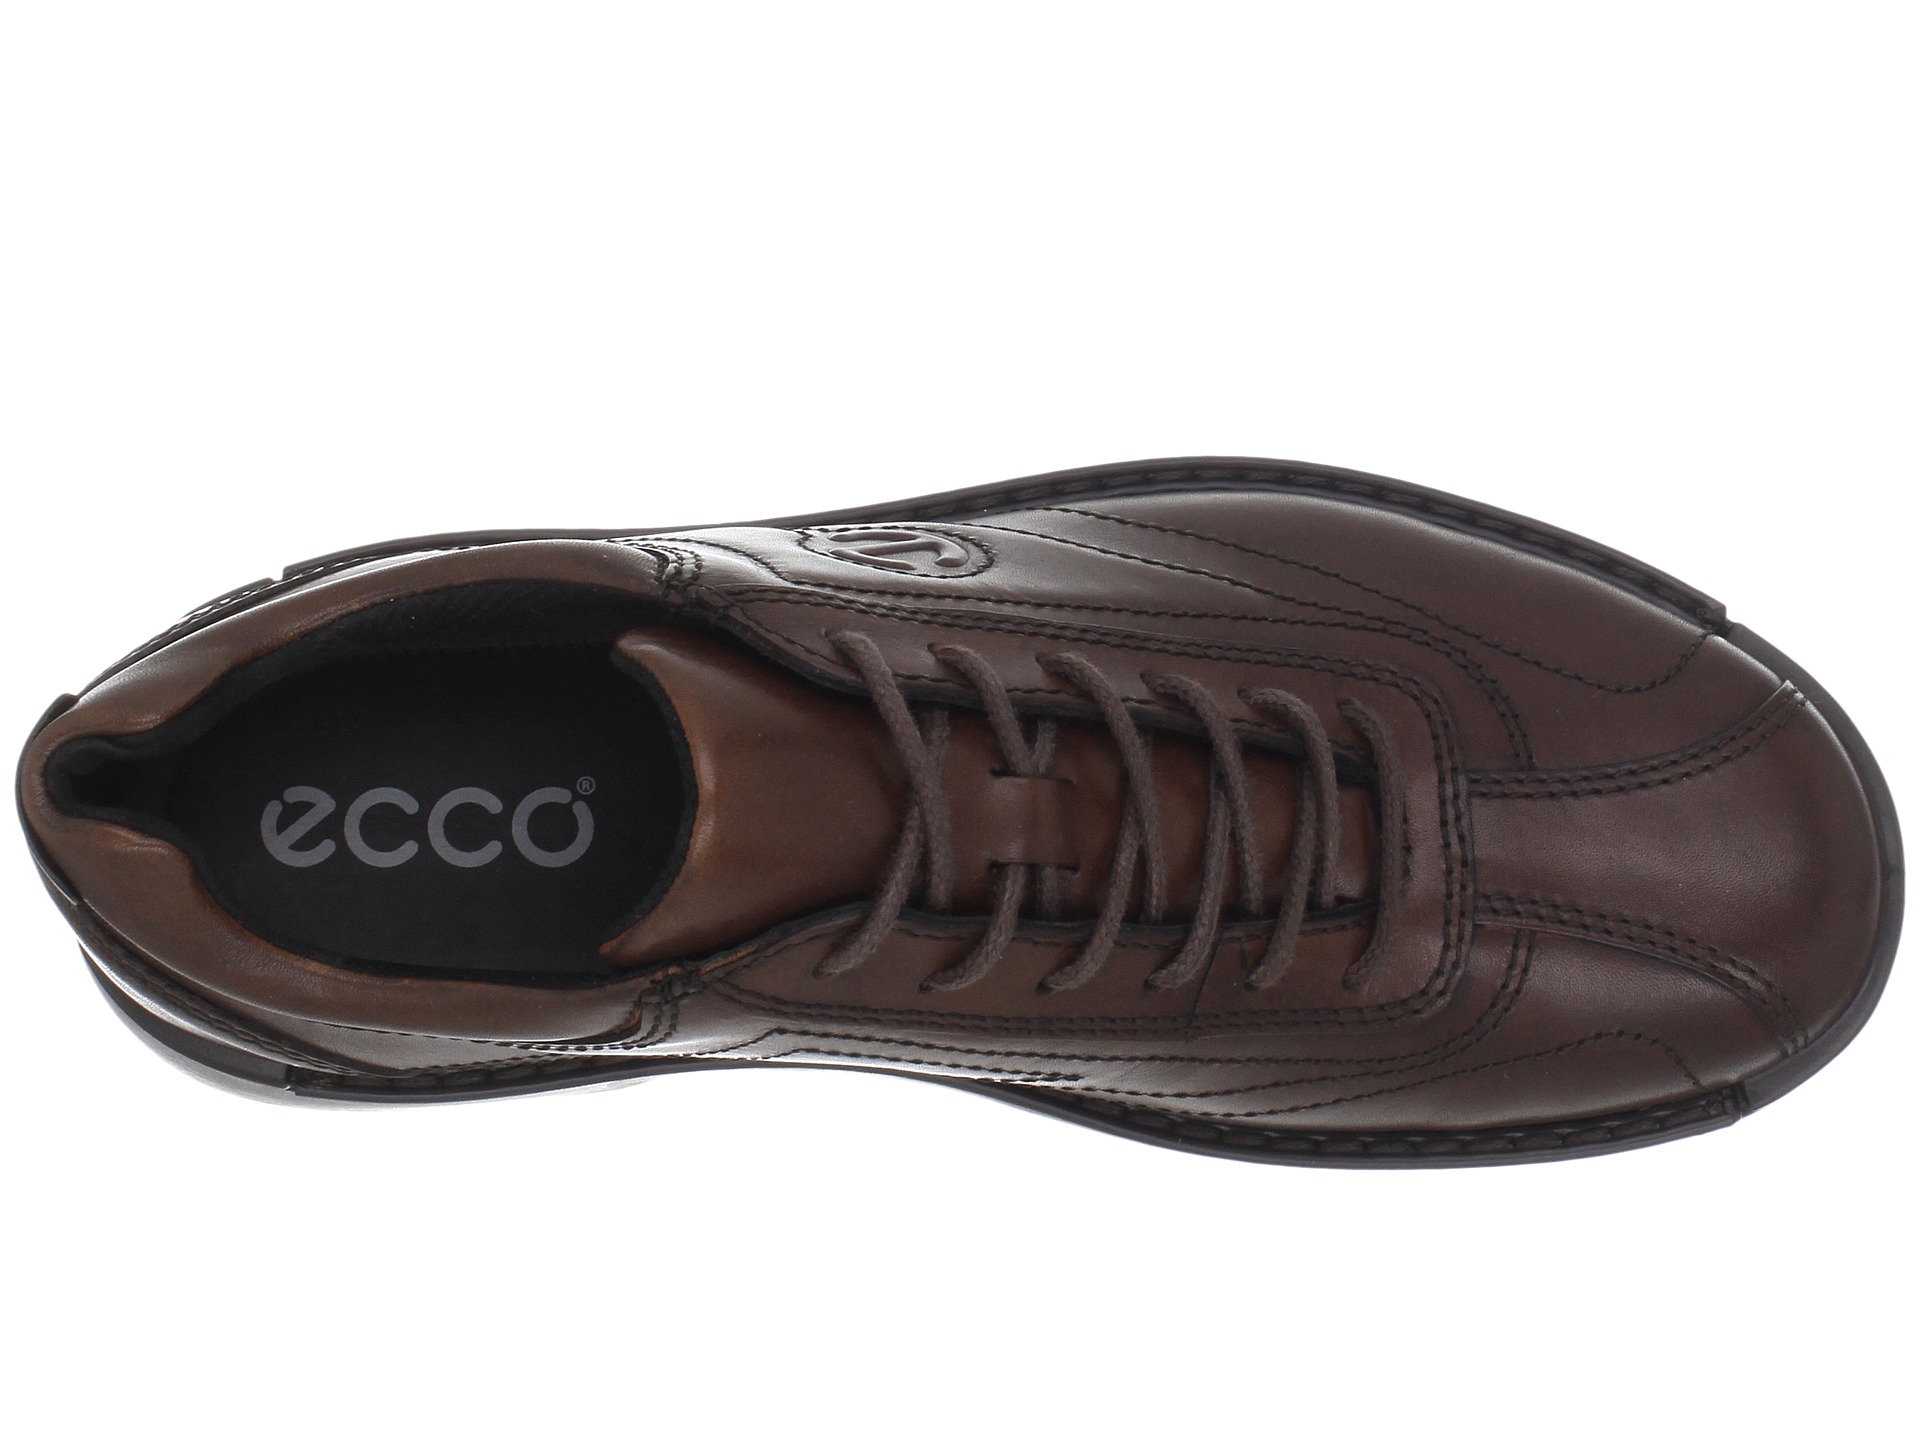 Ecco Men S Neoflexor Oxford Shoe